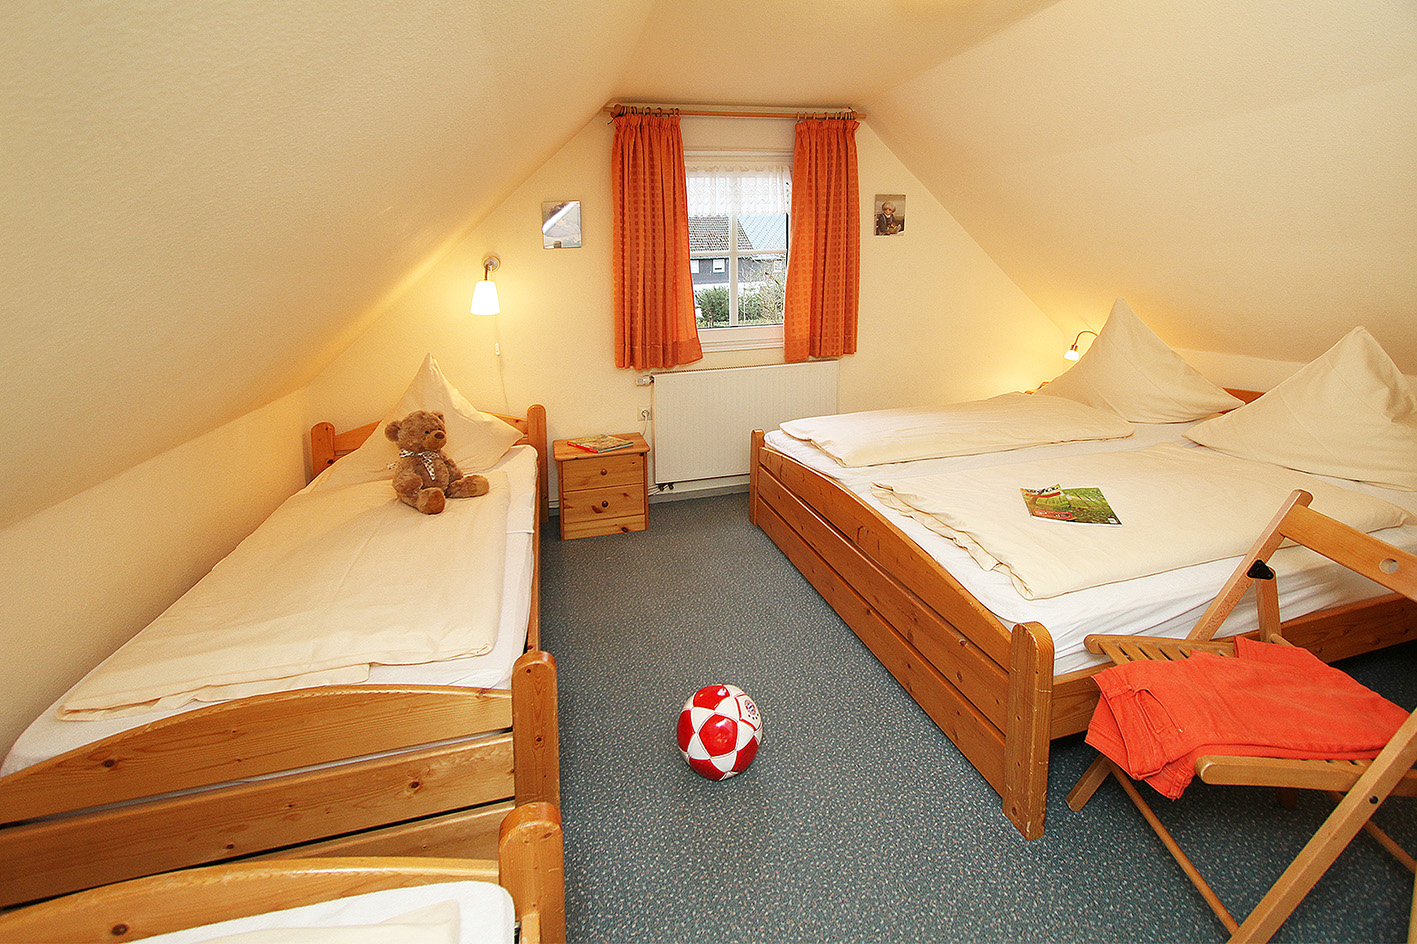 Ferienwohnung Hexenhäuschen - Schlafzimmer